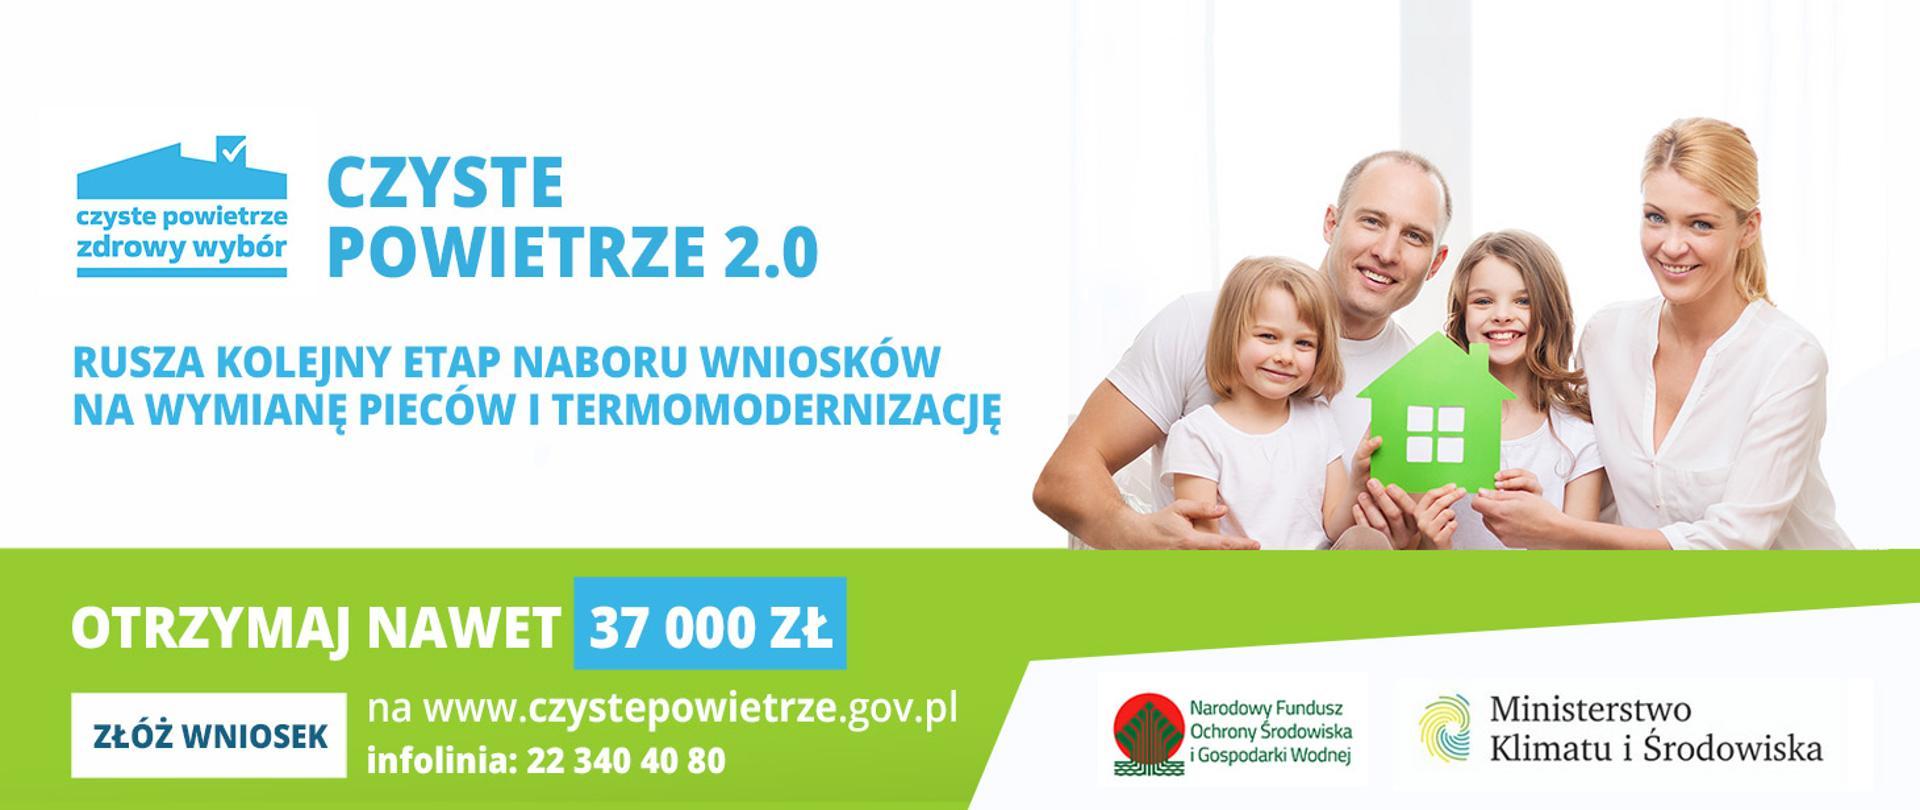 """Wyższe dotacje i większa współpraca z gminami. Rusza druga część programu """"Czyste  Powietrze"""" 2.0 - Ministerstwo Klimatu i Środowiska - Portal Gov.pl"""